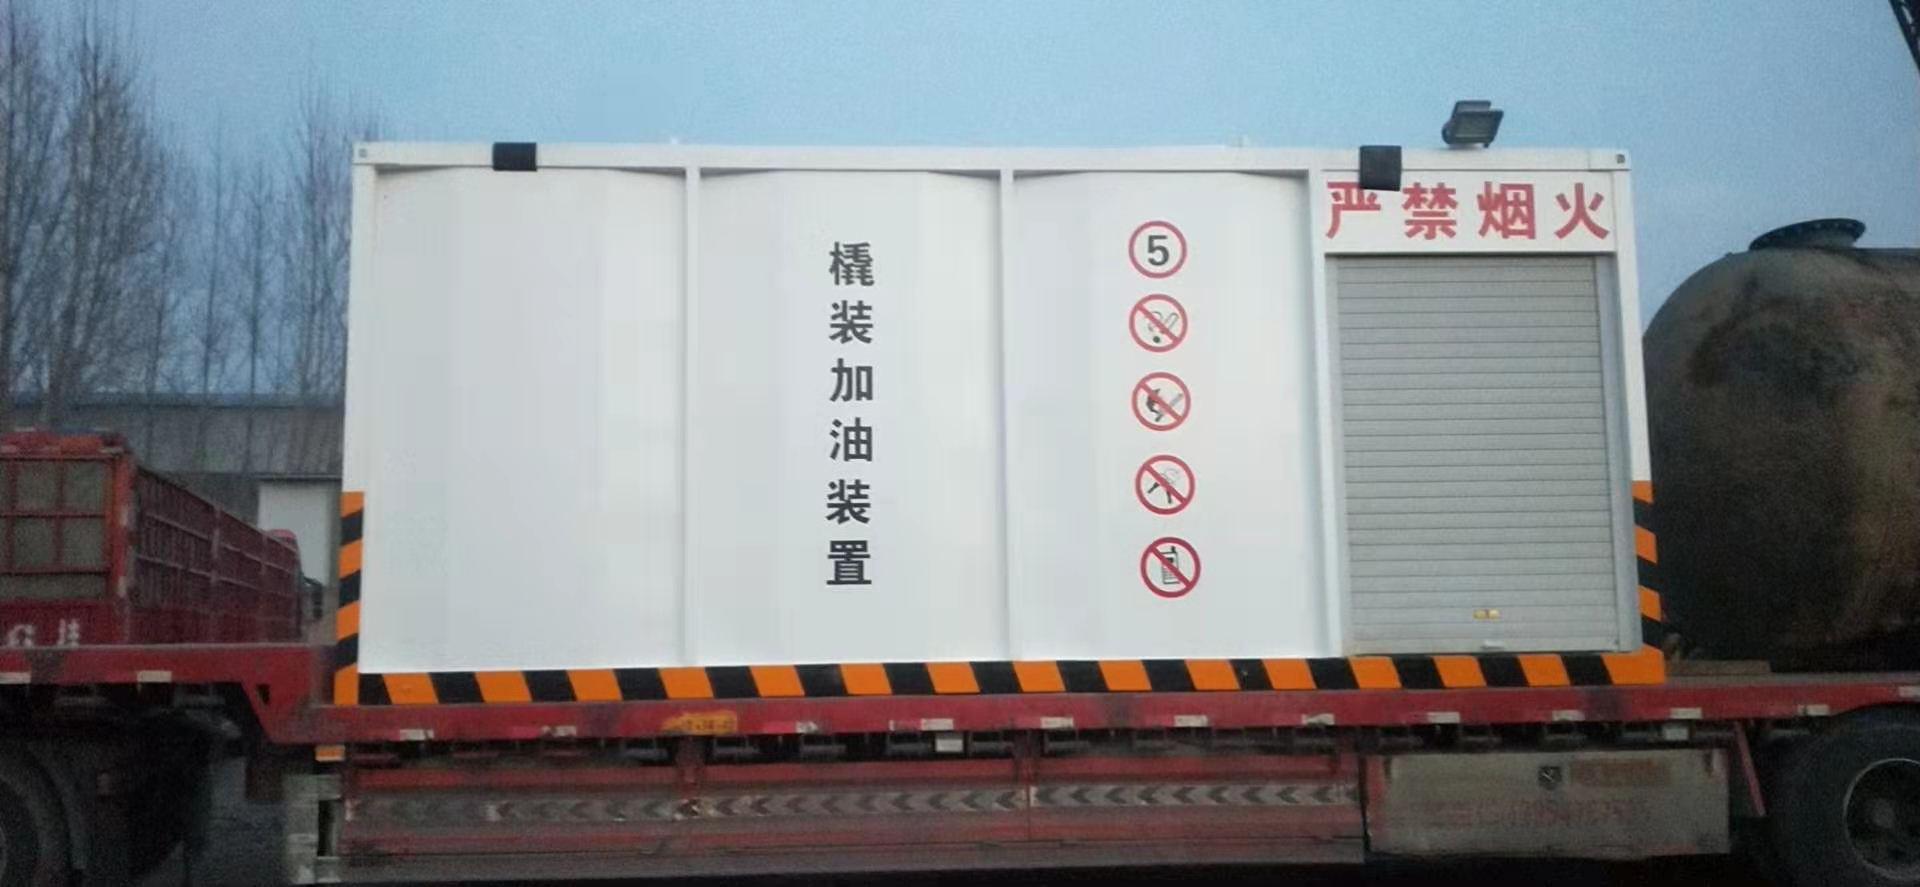 企业内部加油站建站步骤